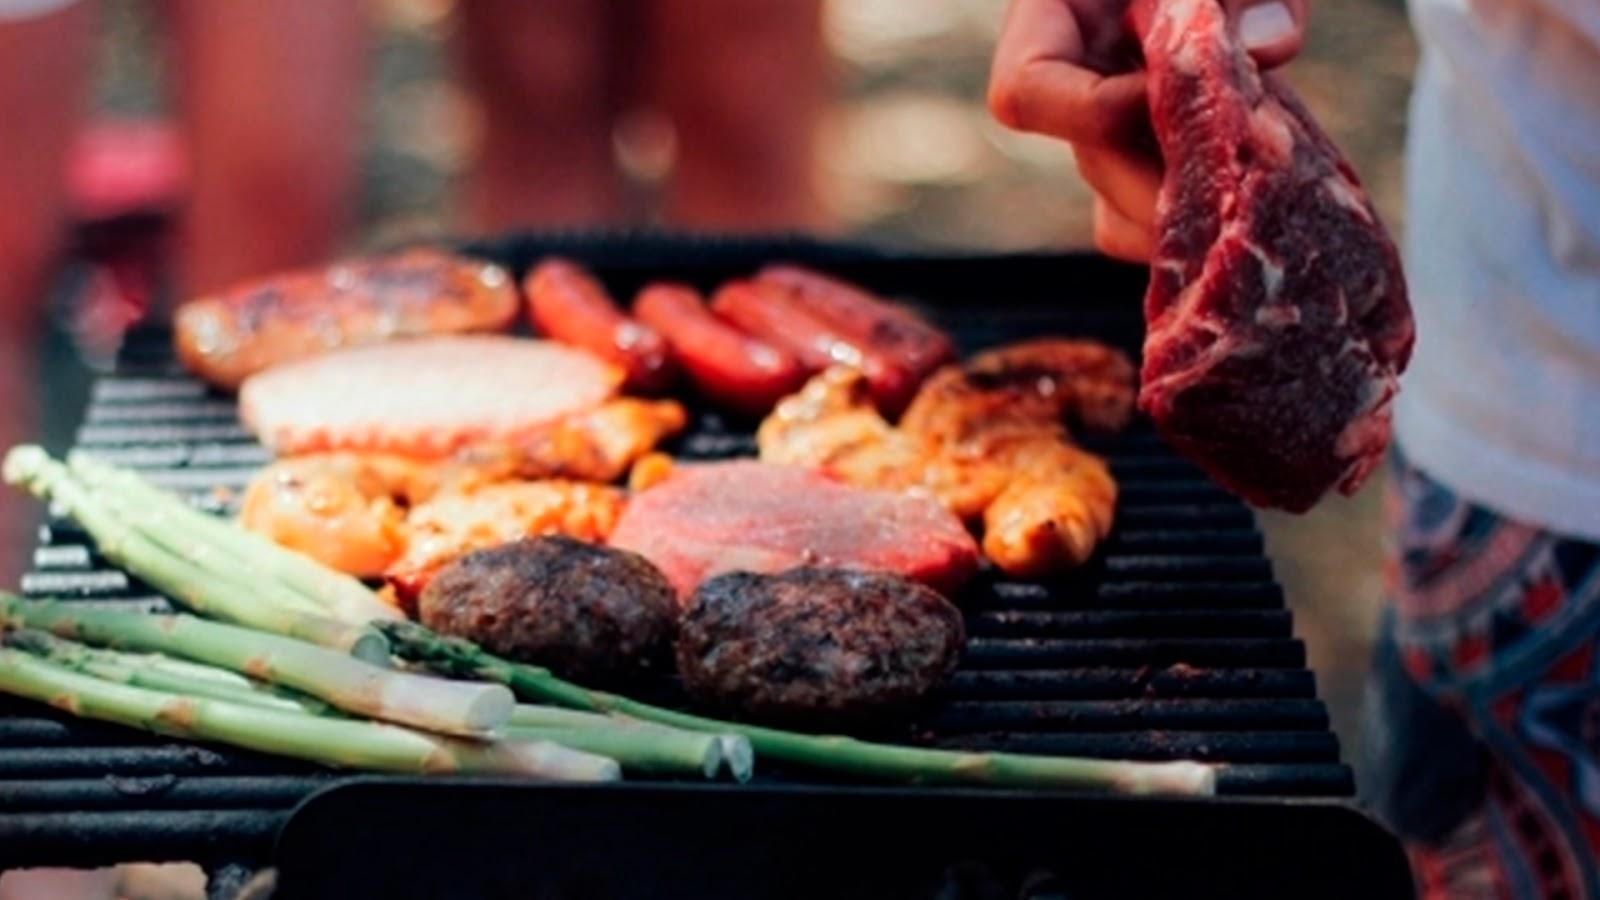 Comer carne asada podría aumentar el riesgo de padecer cáncer y diabetes